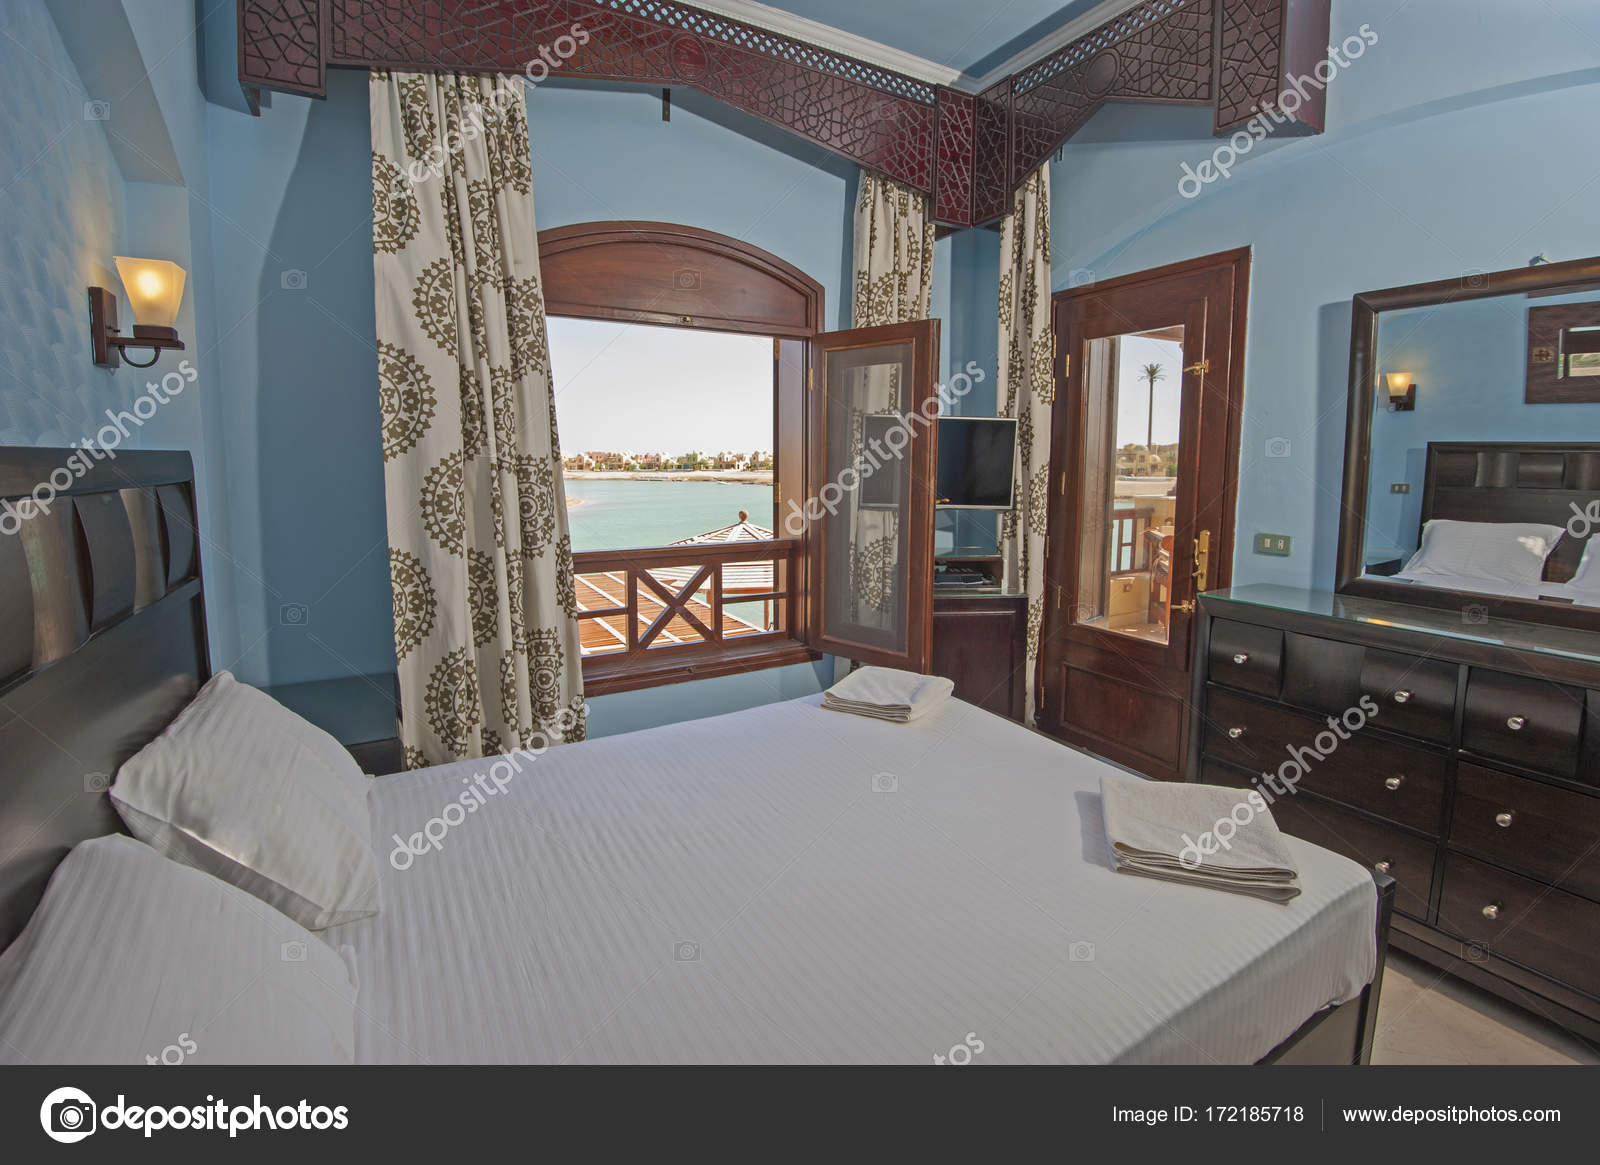 arredamento della camera da letto in una casa con vista